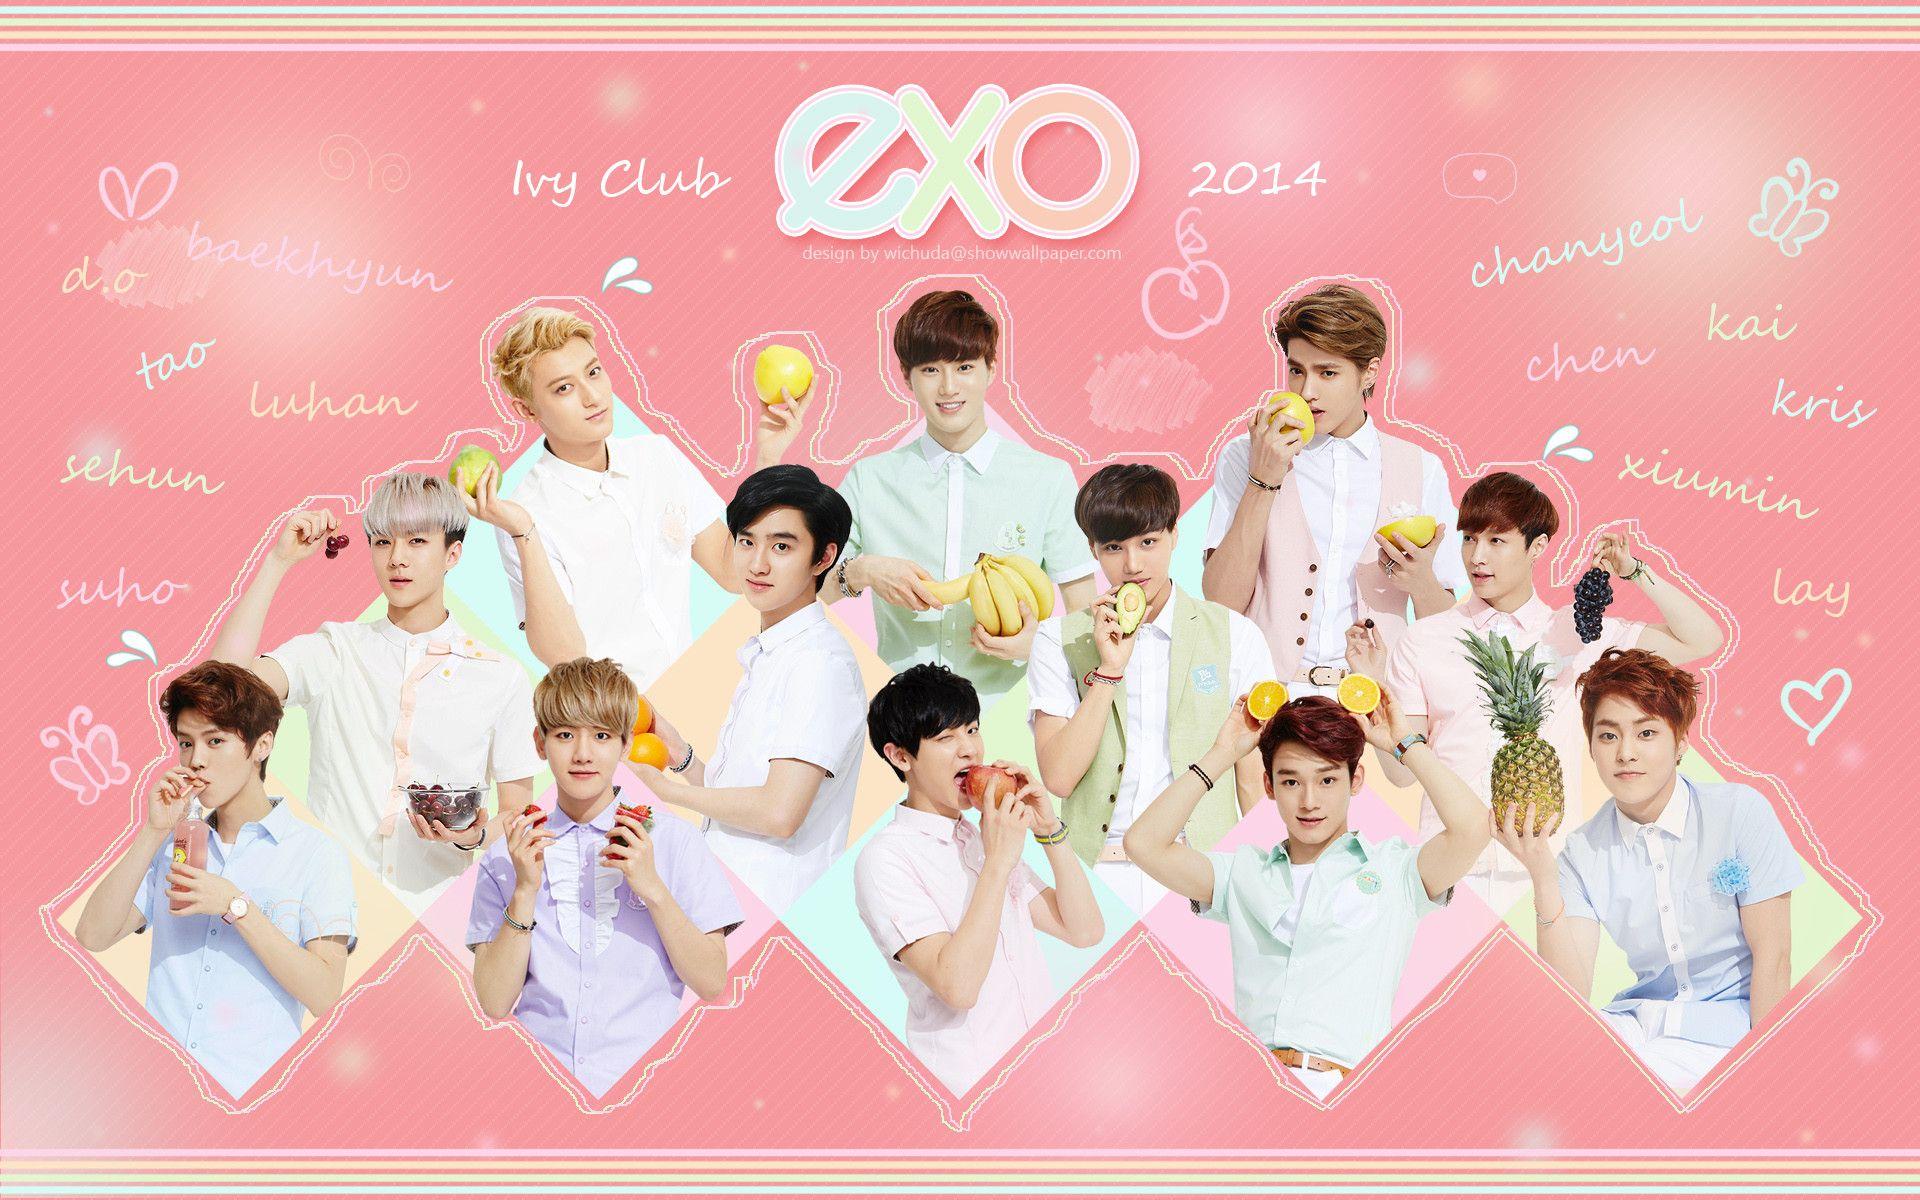 Exo Hd Wallpaper 1920x1200 Tablet Exo Wallpaper Hd Exo Korea Exo